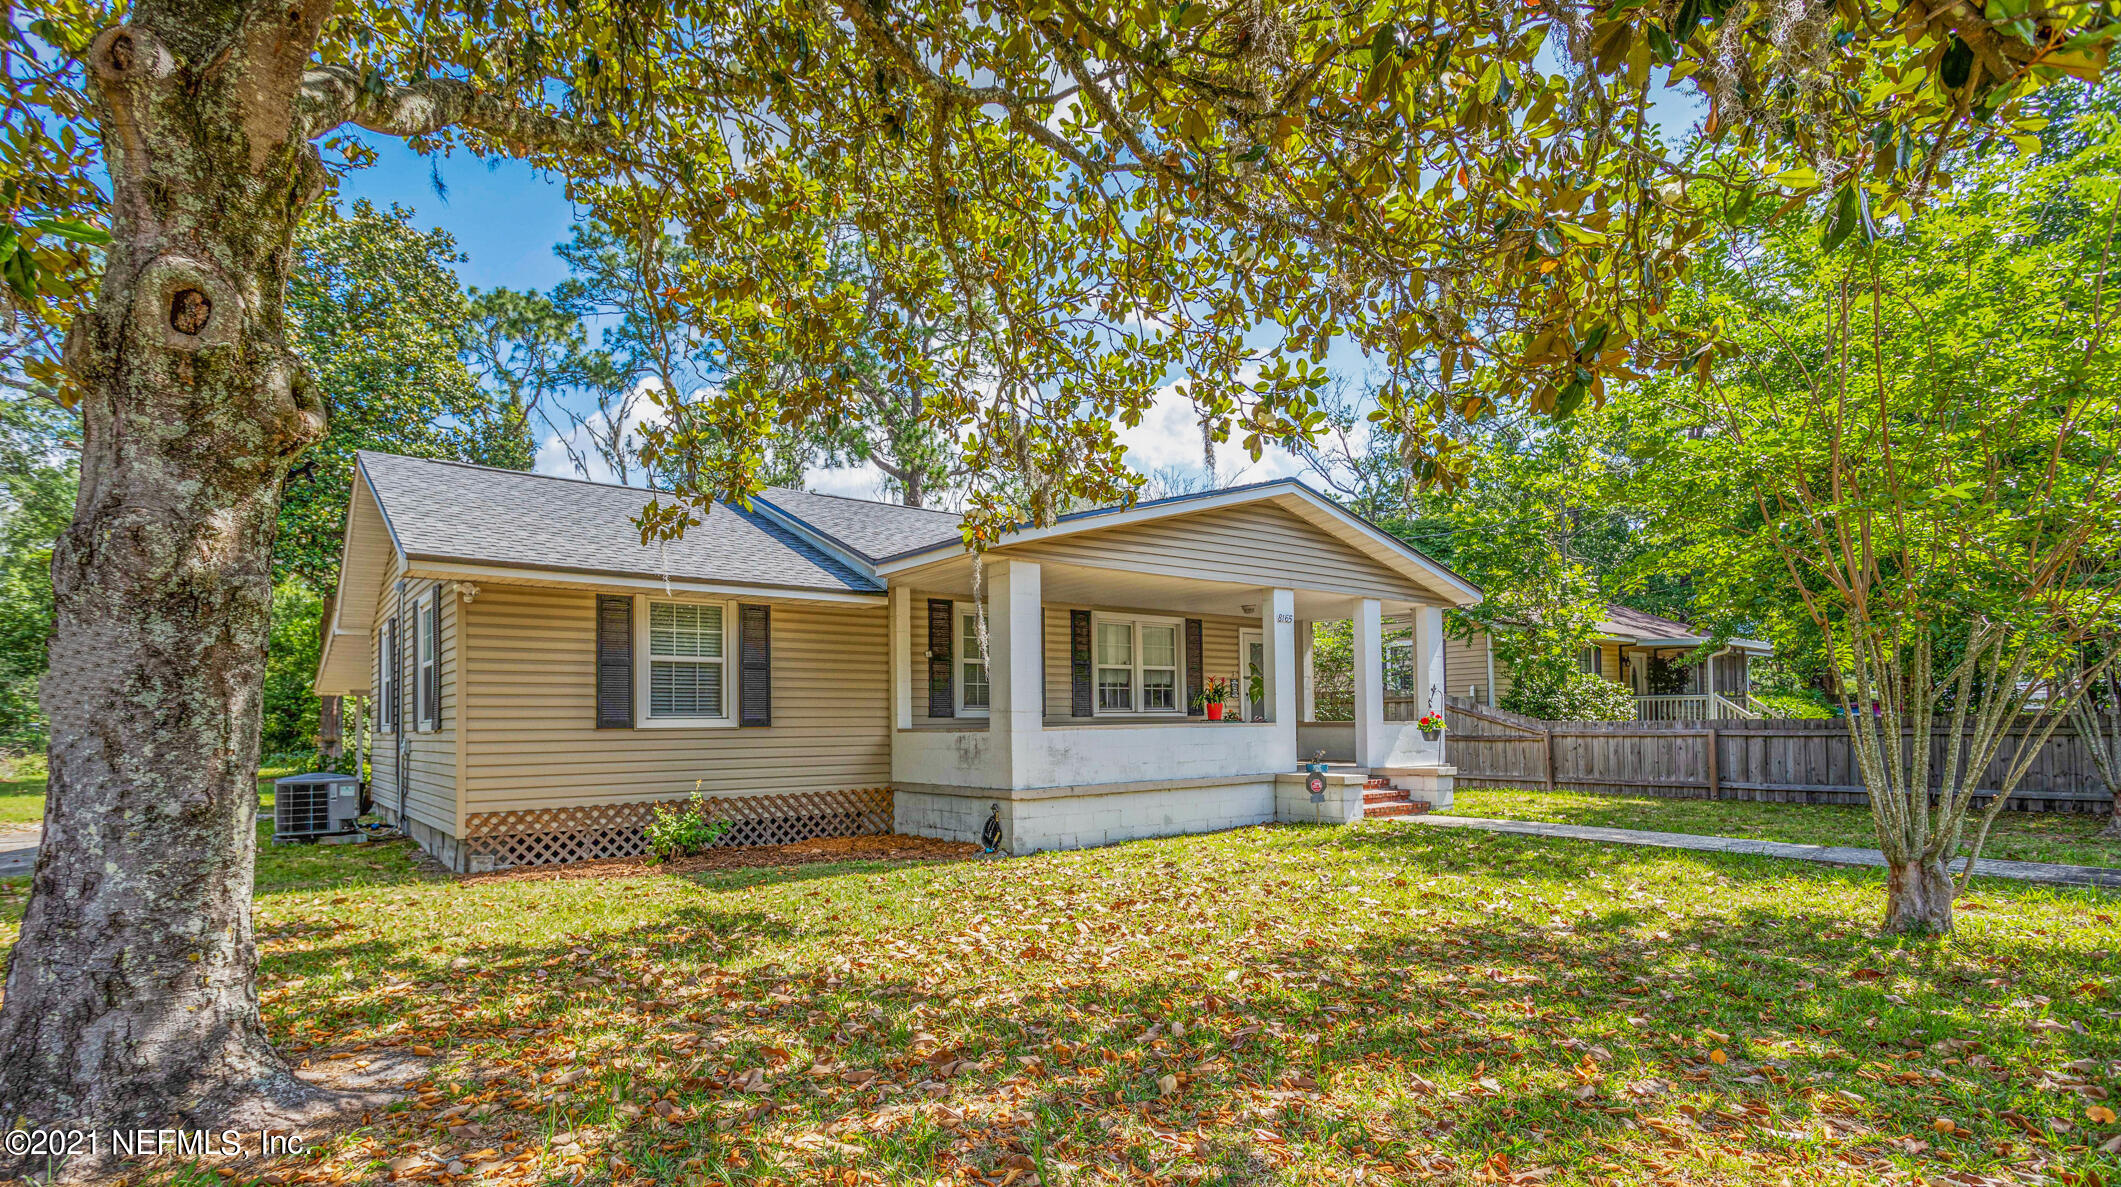 8165 RAMONA, JACKSONVILLE, FLORIDA 32221, ,Commercial,For sale,RAMONA,1095692